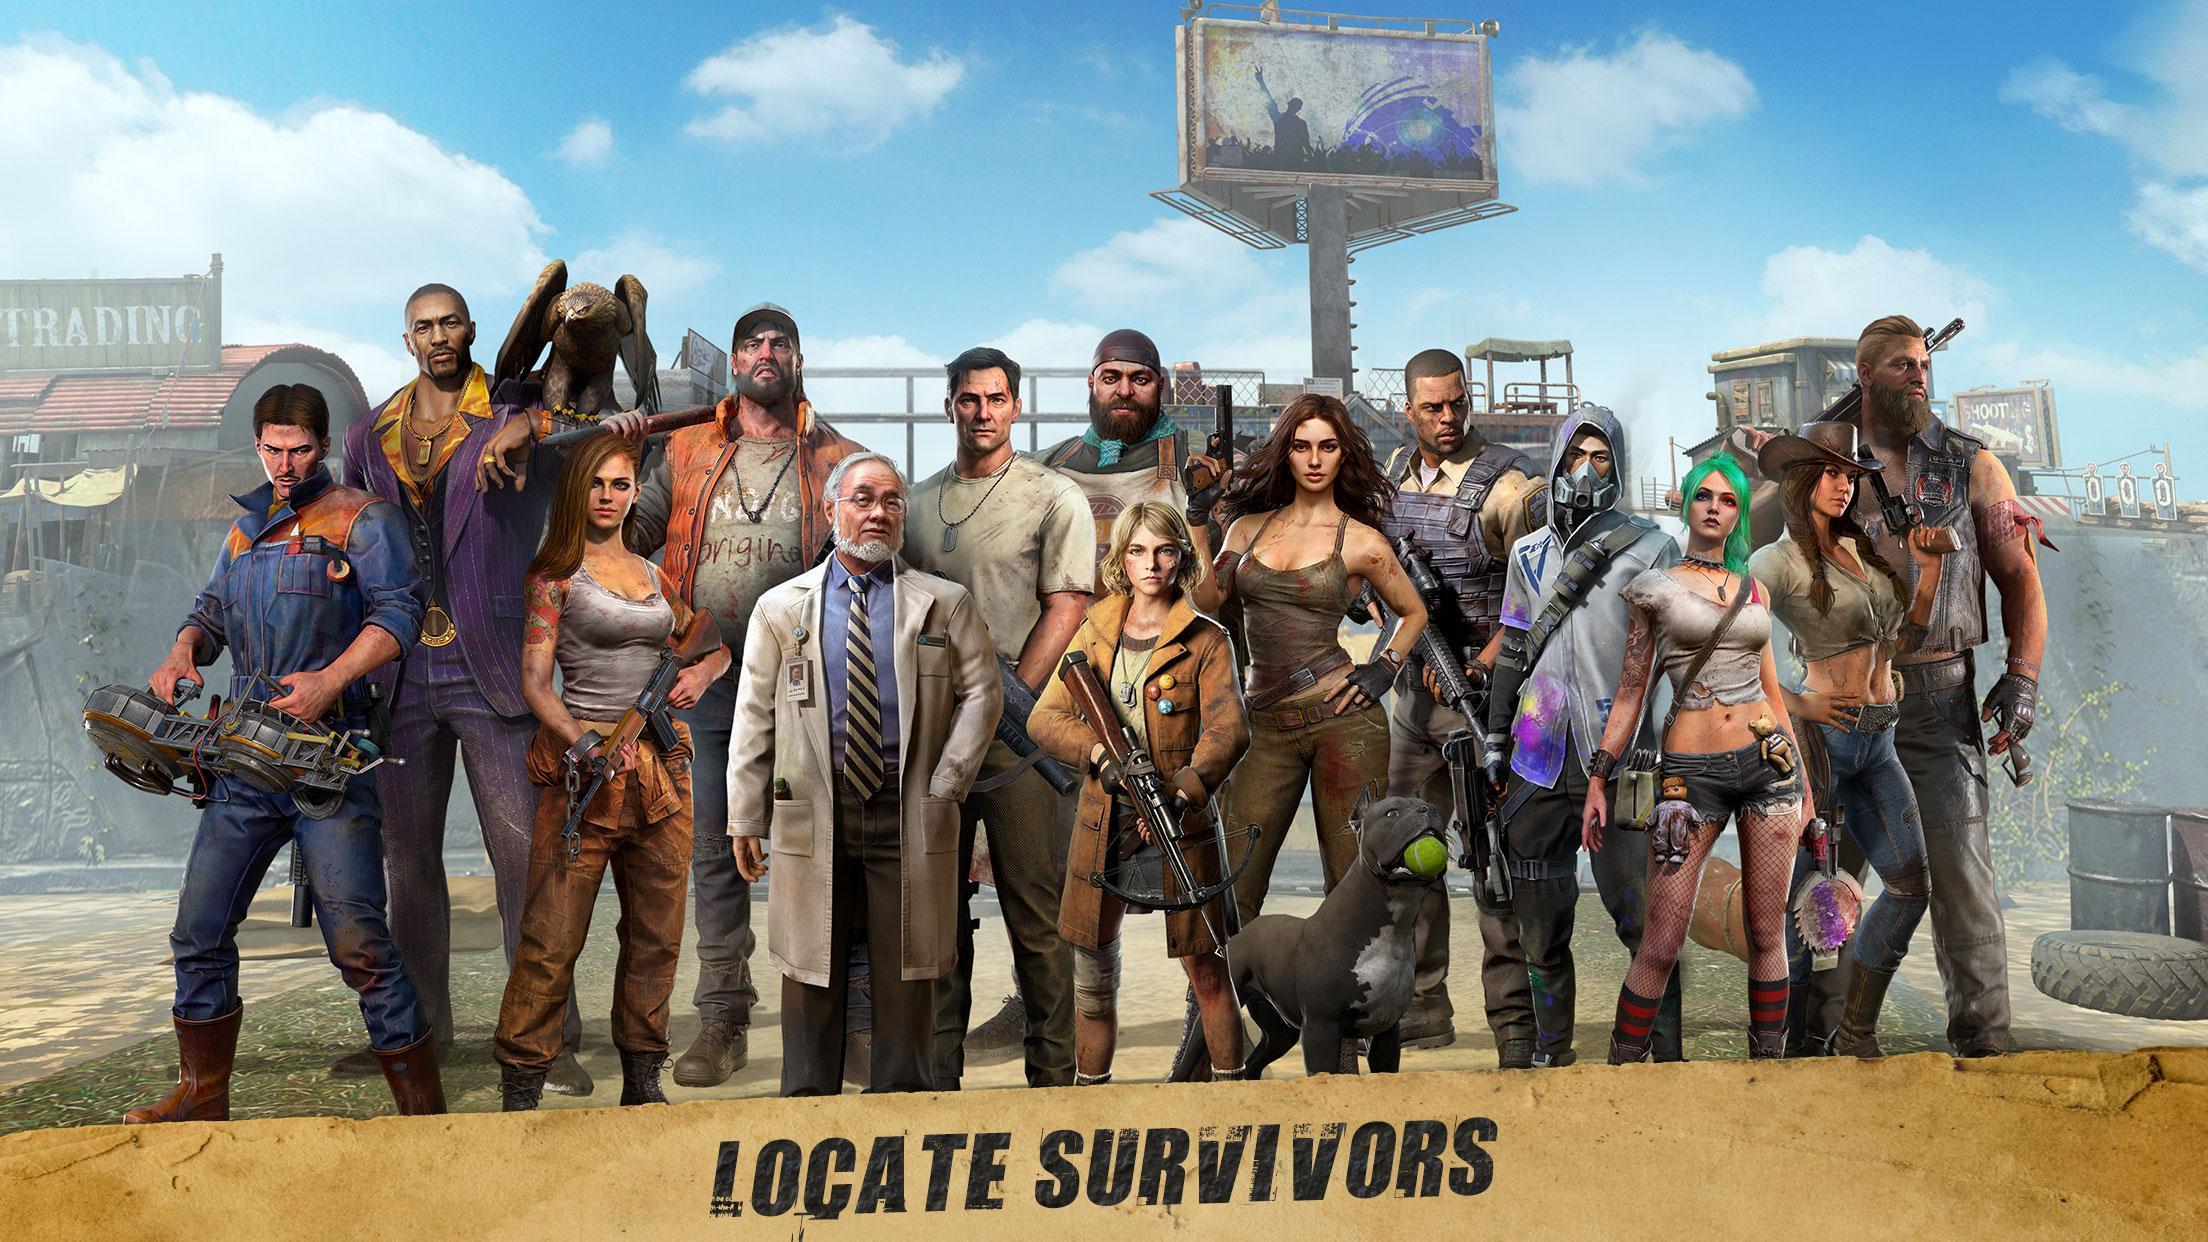 Yeni Başlayanlar İçin: State of Survival Rehberi